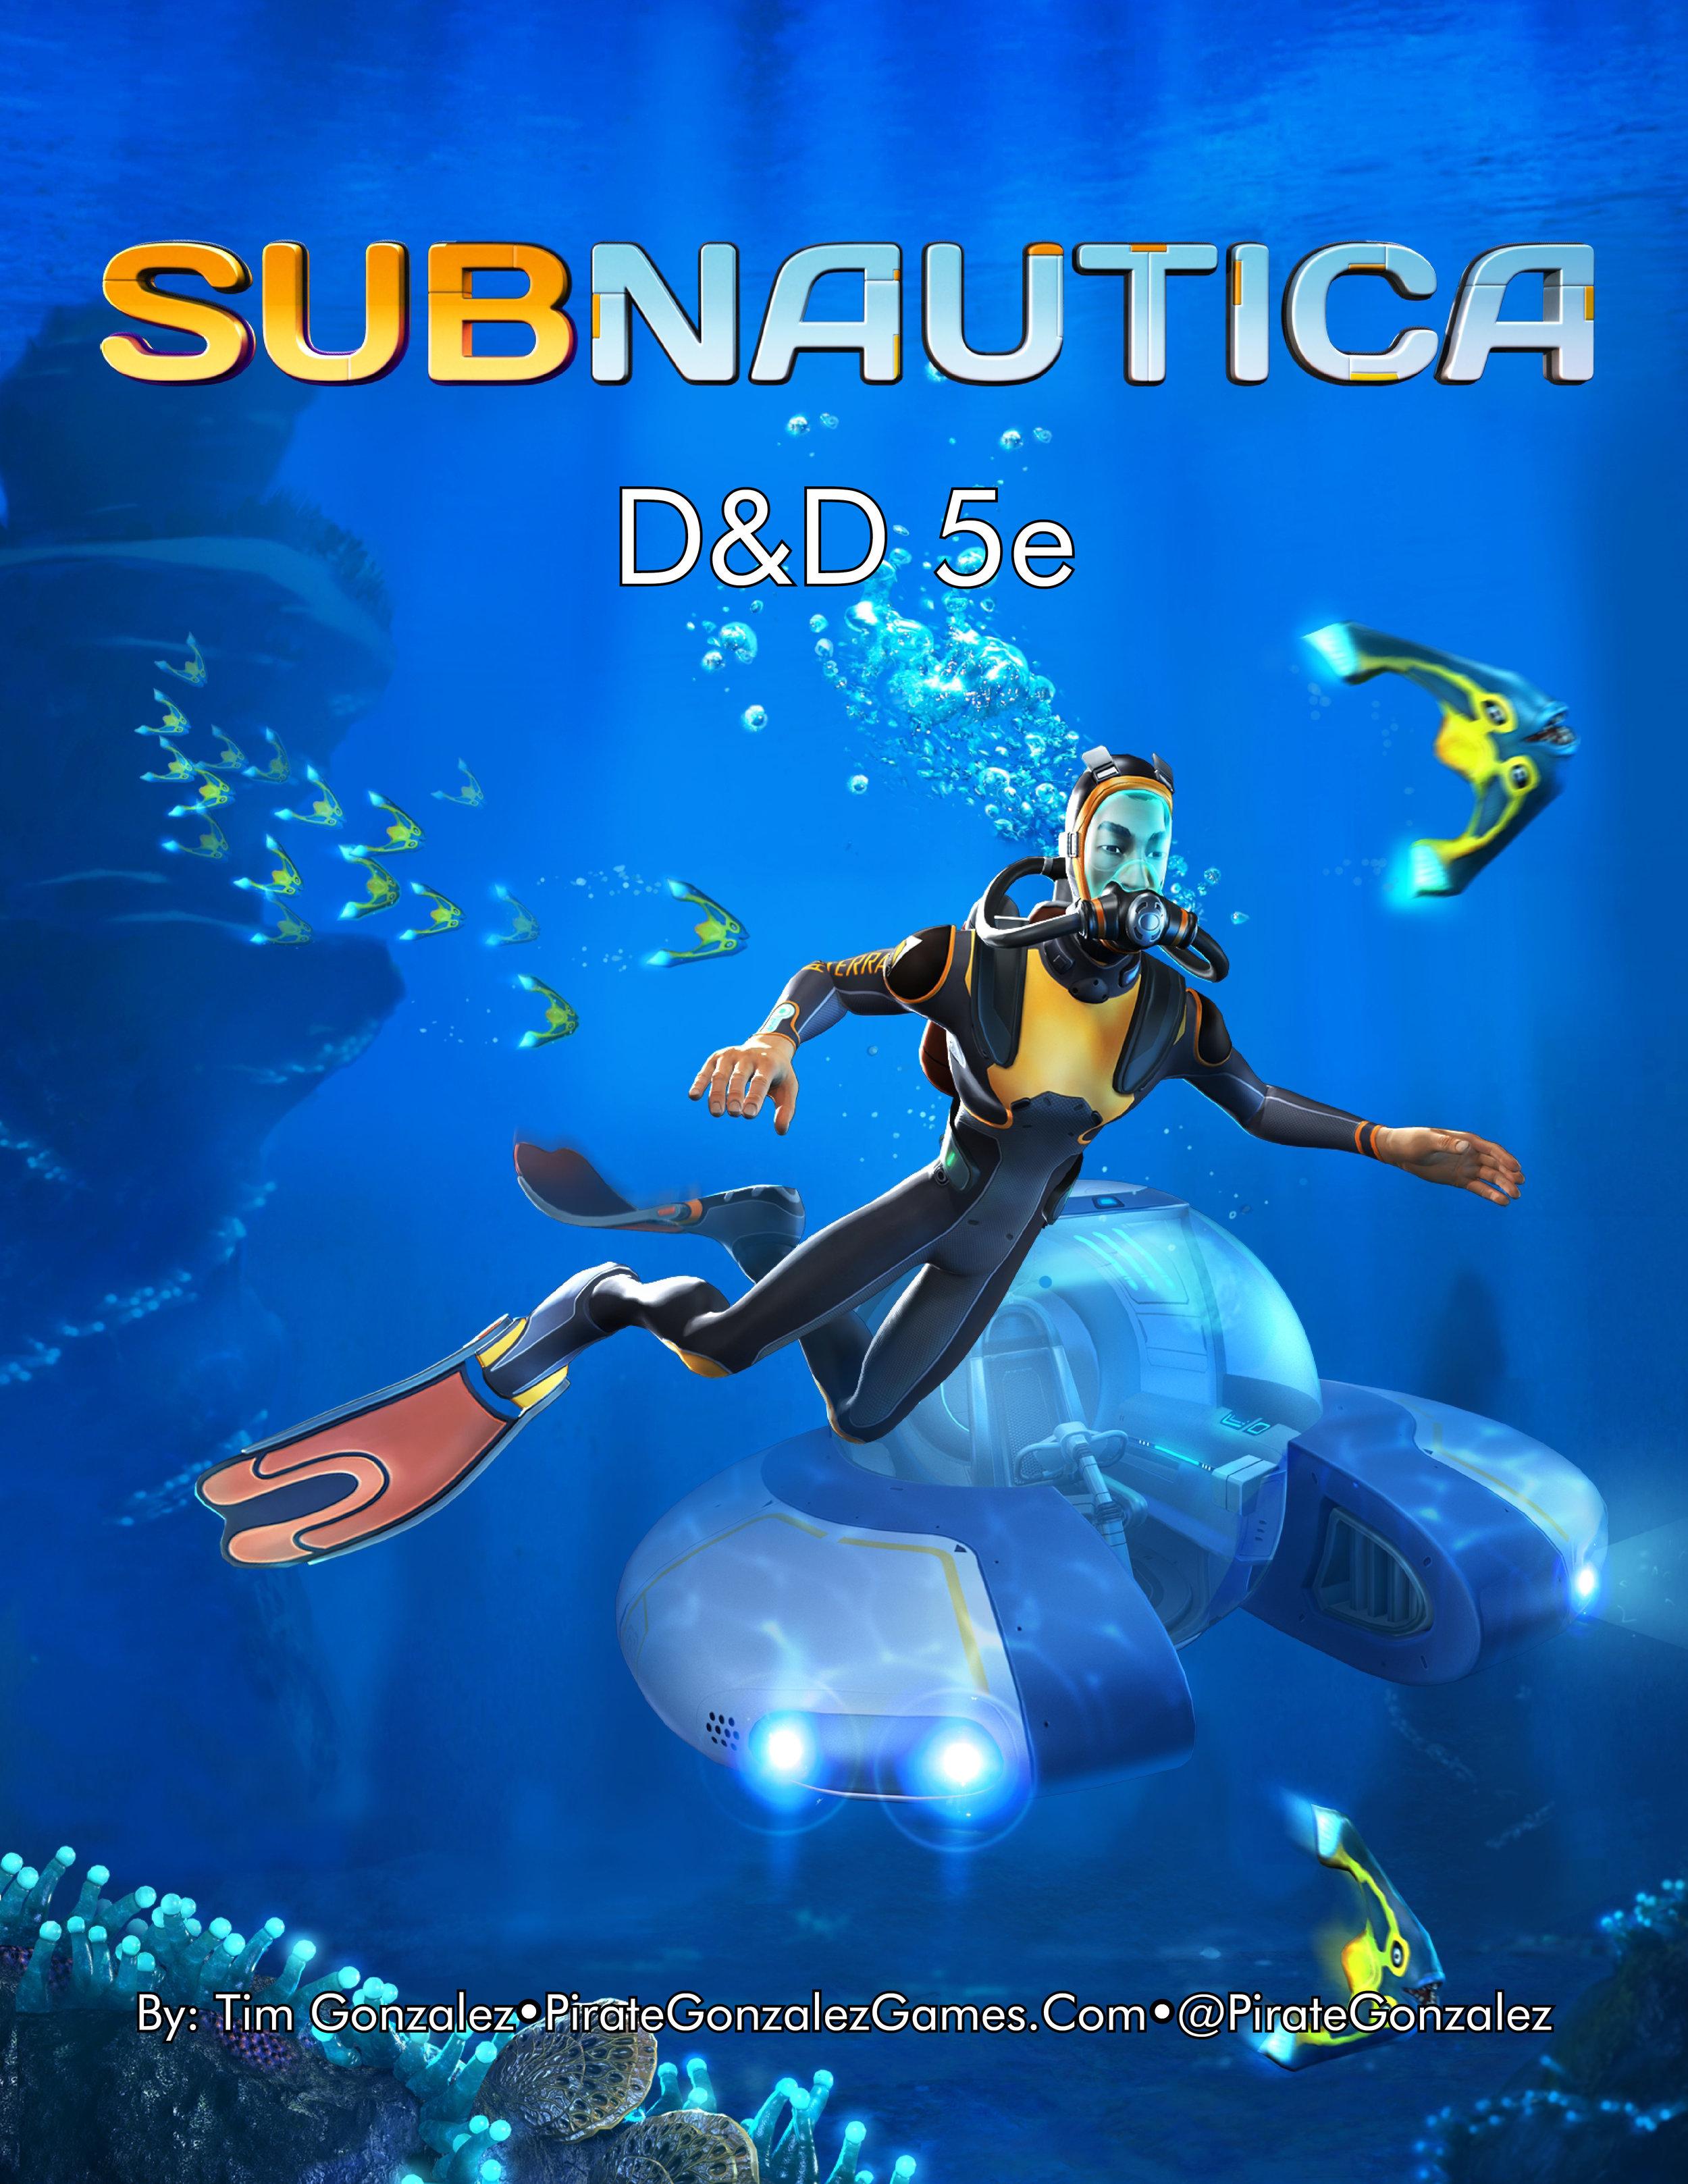 Subnautica D&D 5e